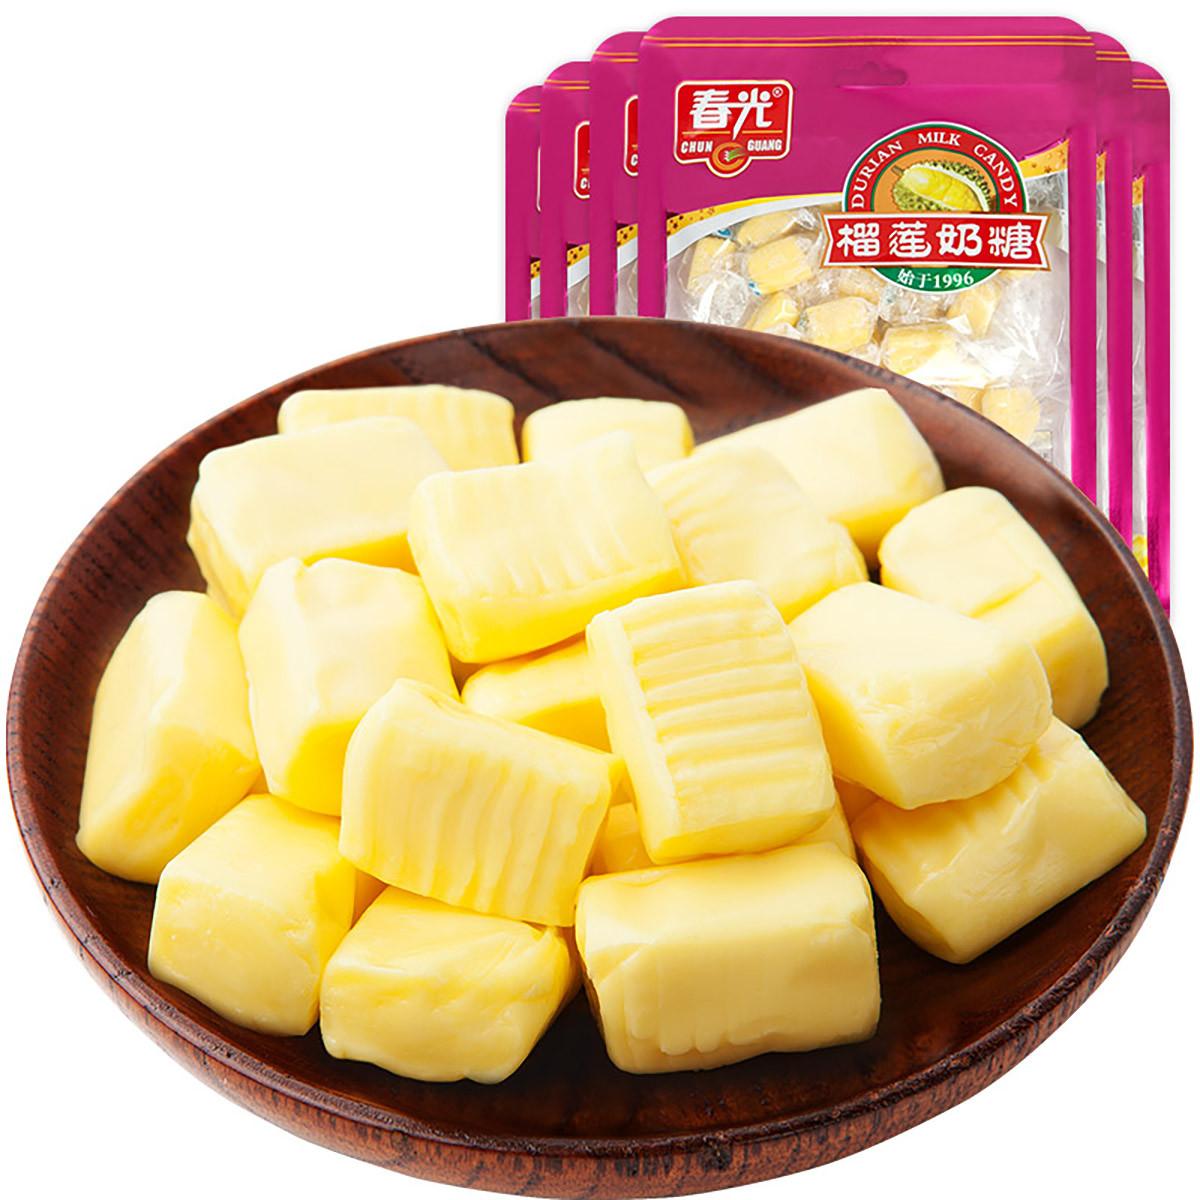 春光海南特产 休闲零食 糖果 软糖 榴莲奶糖160g*6袋COLOR银色